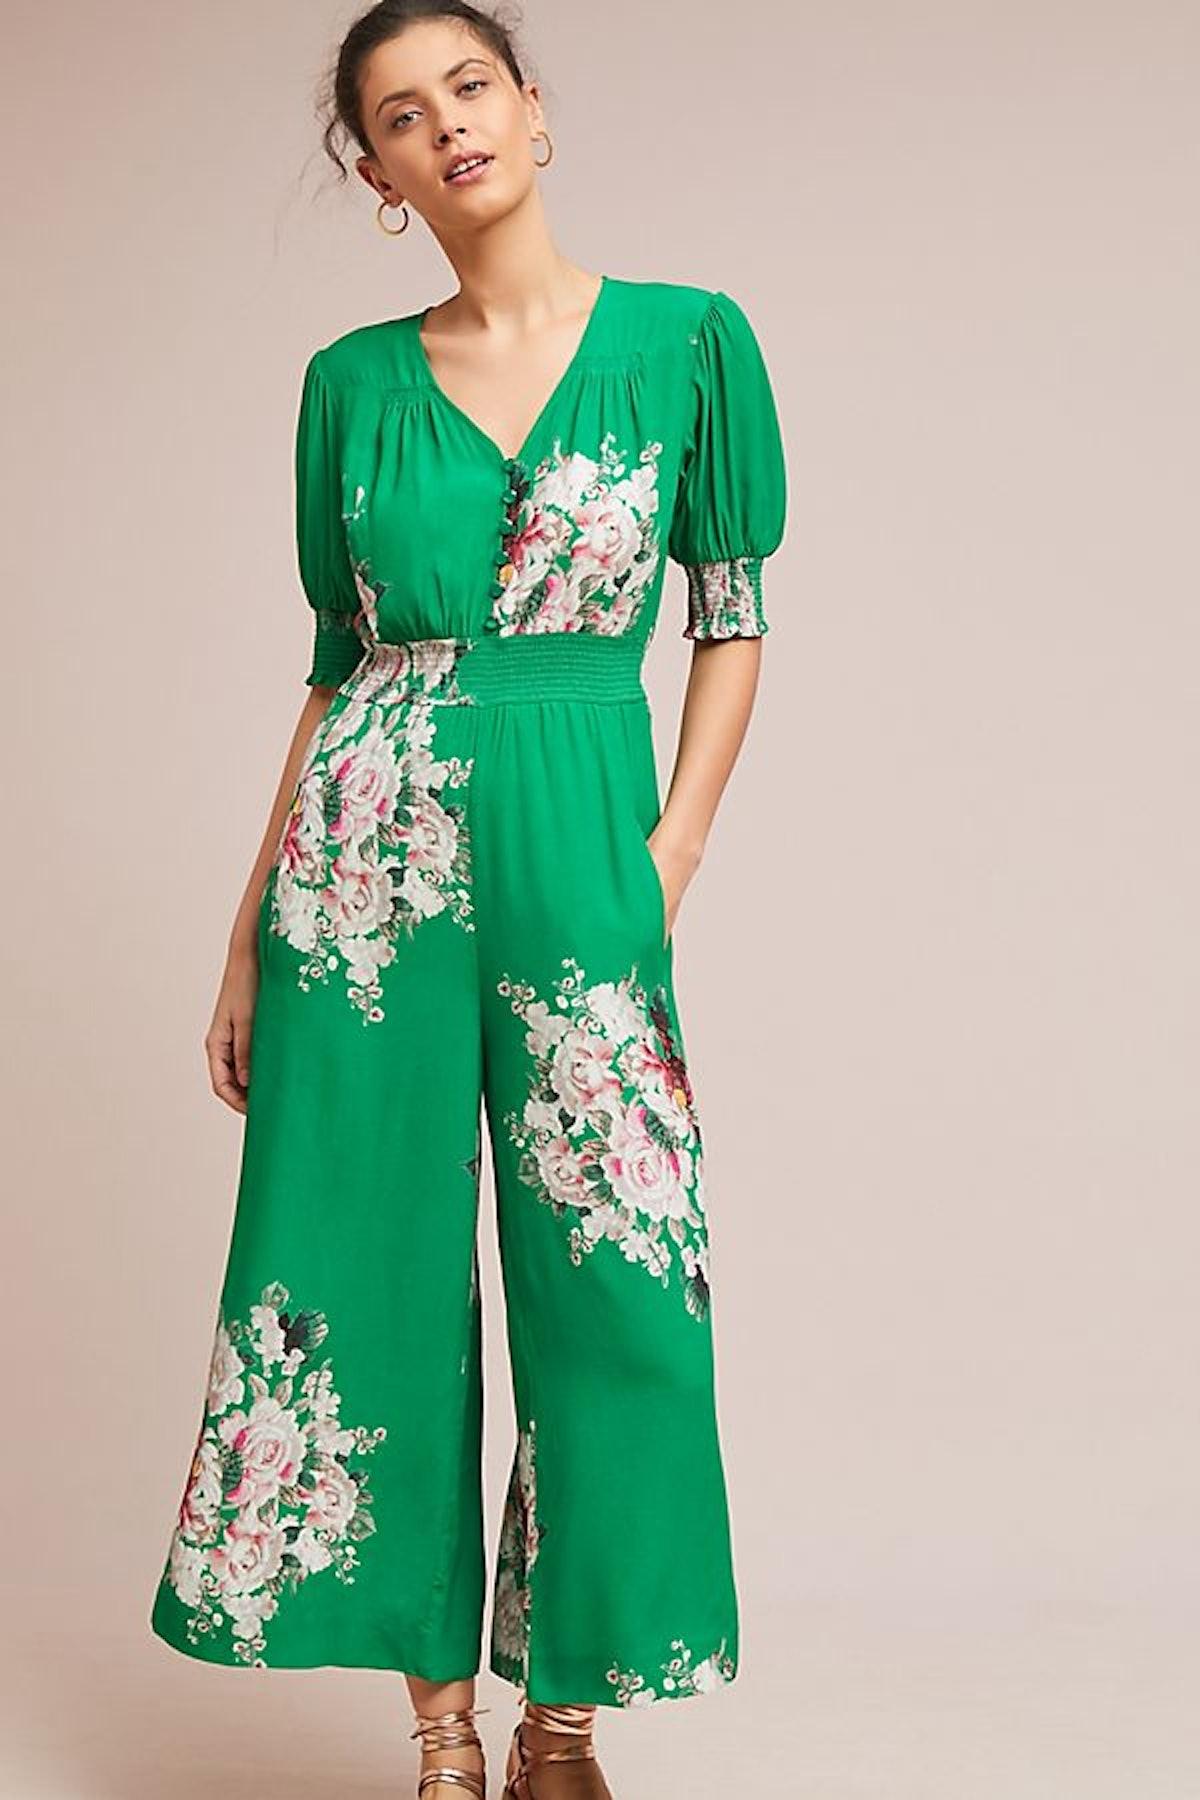 Longwood Floral Jumpsuit